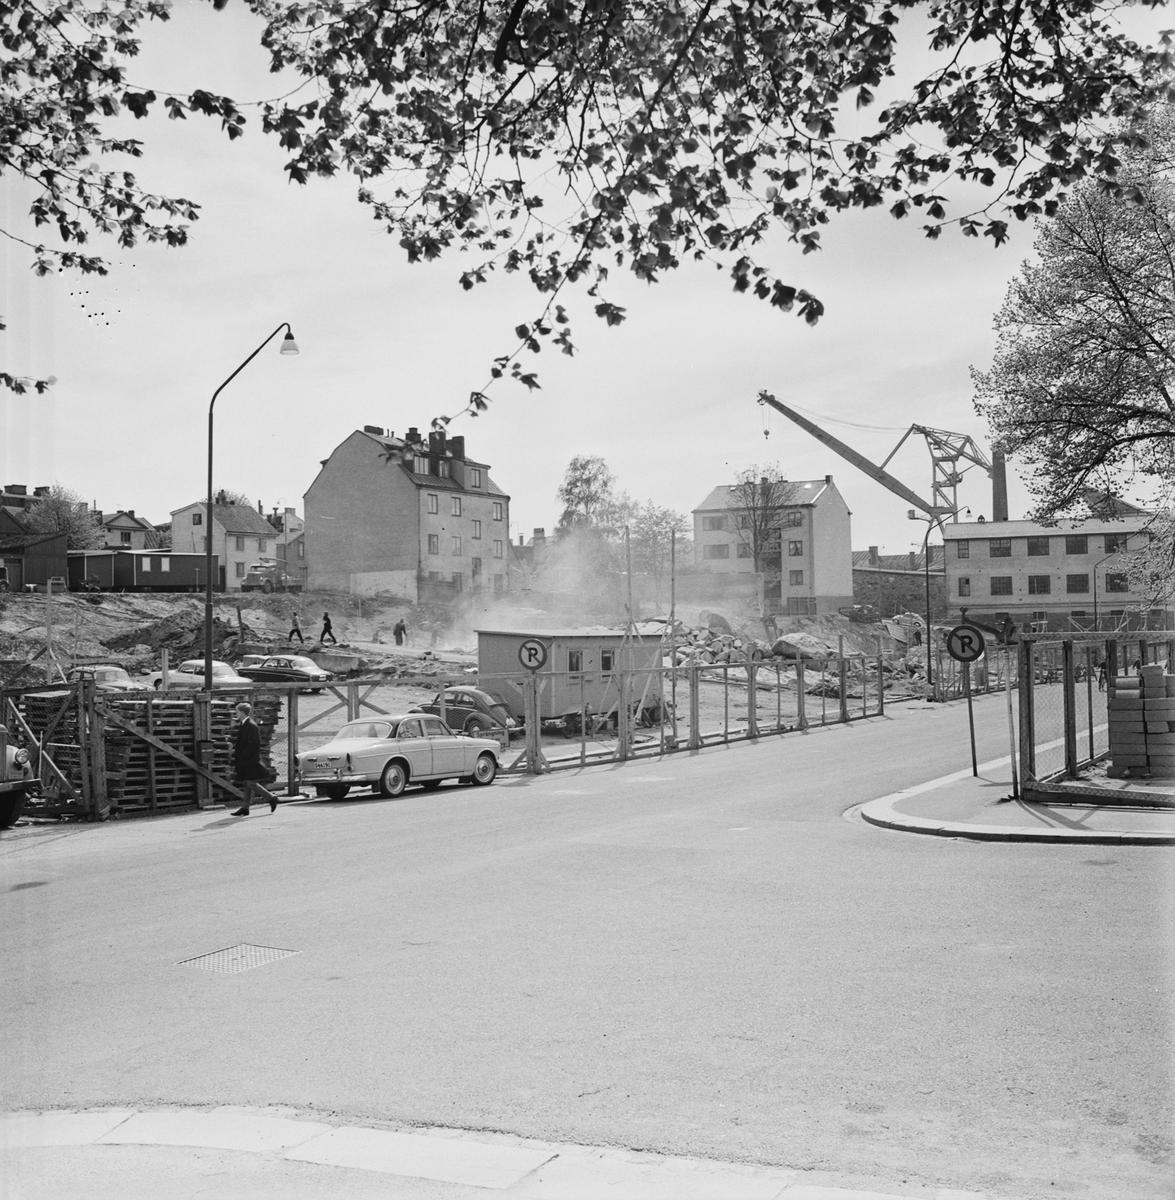 Övrigt: Foto datum: 1/6 1965 Byggnader och kranar Kvarteret pollux